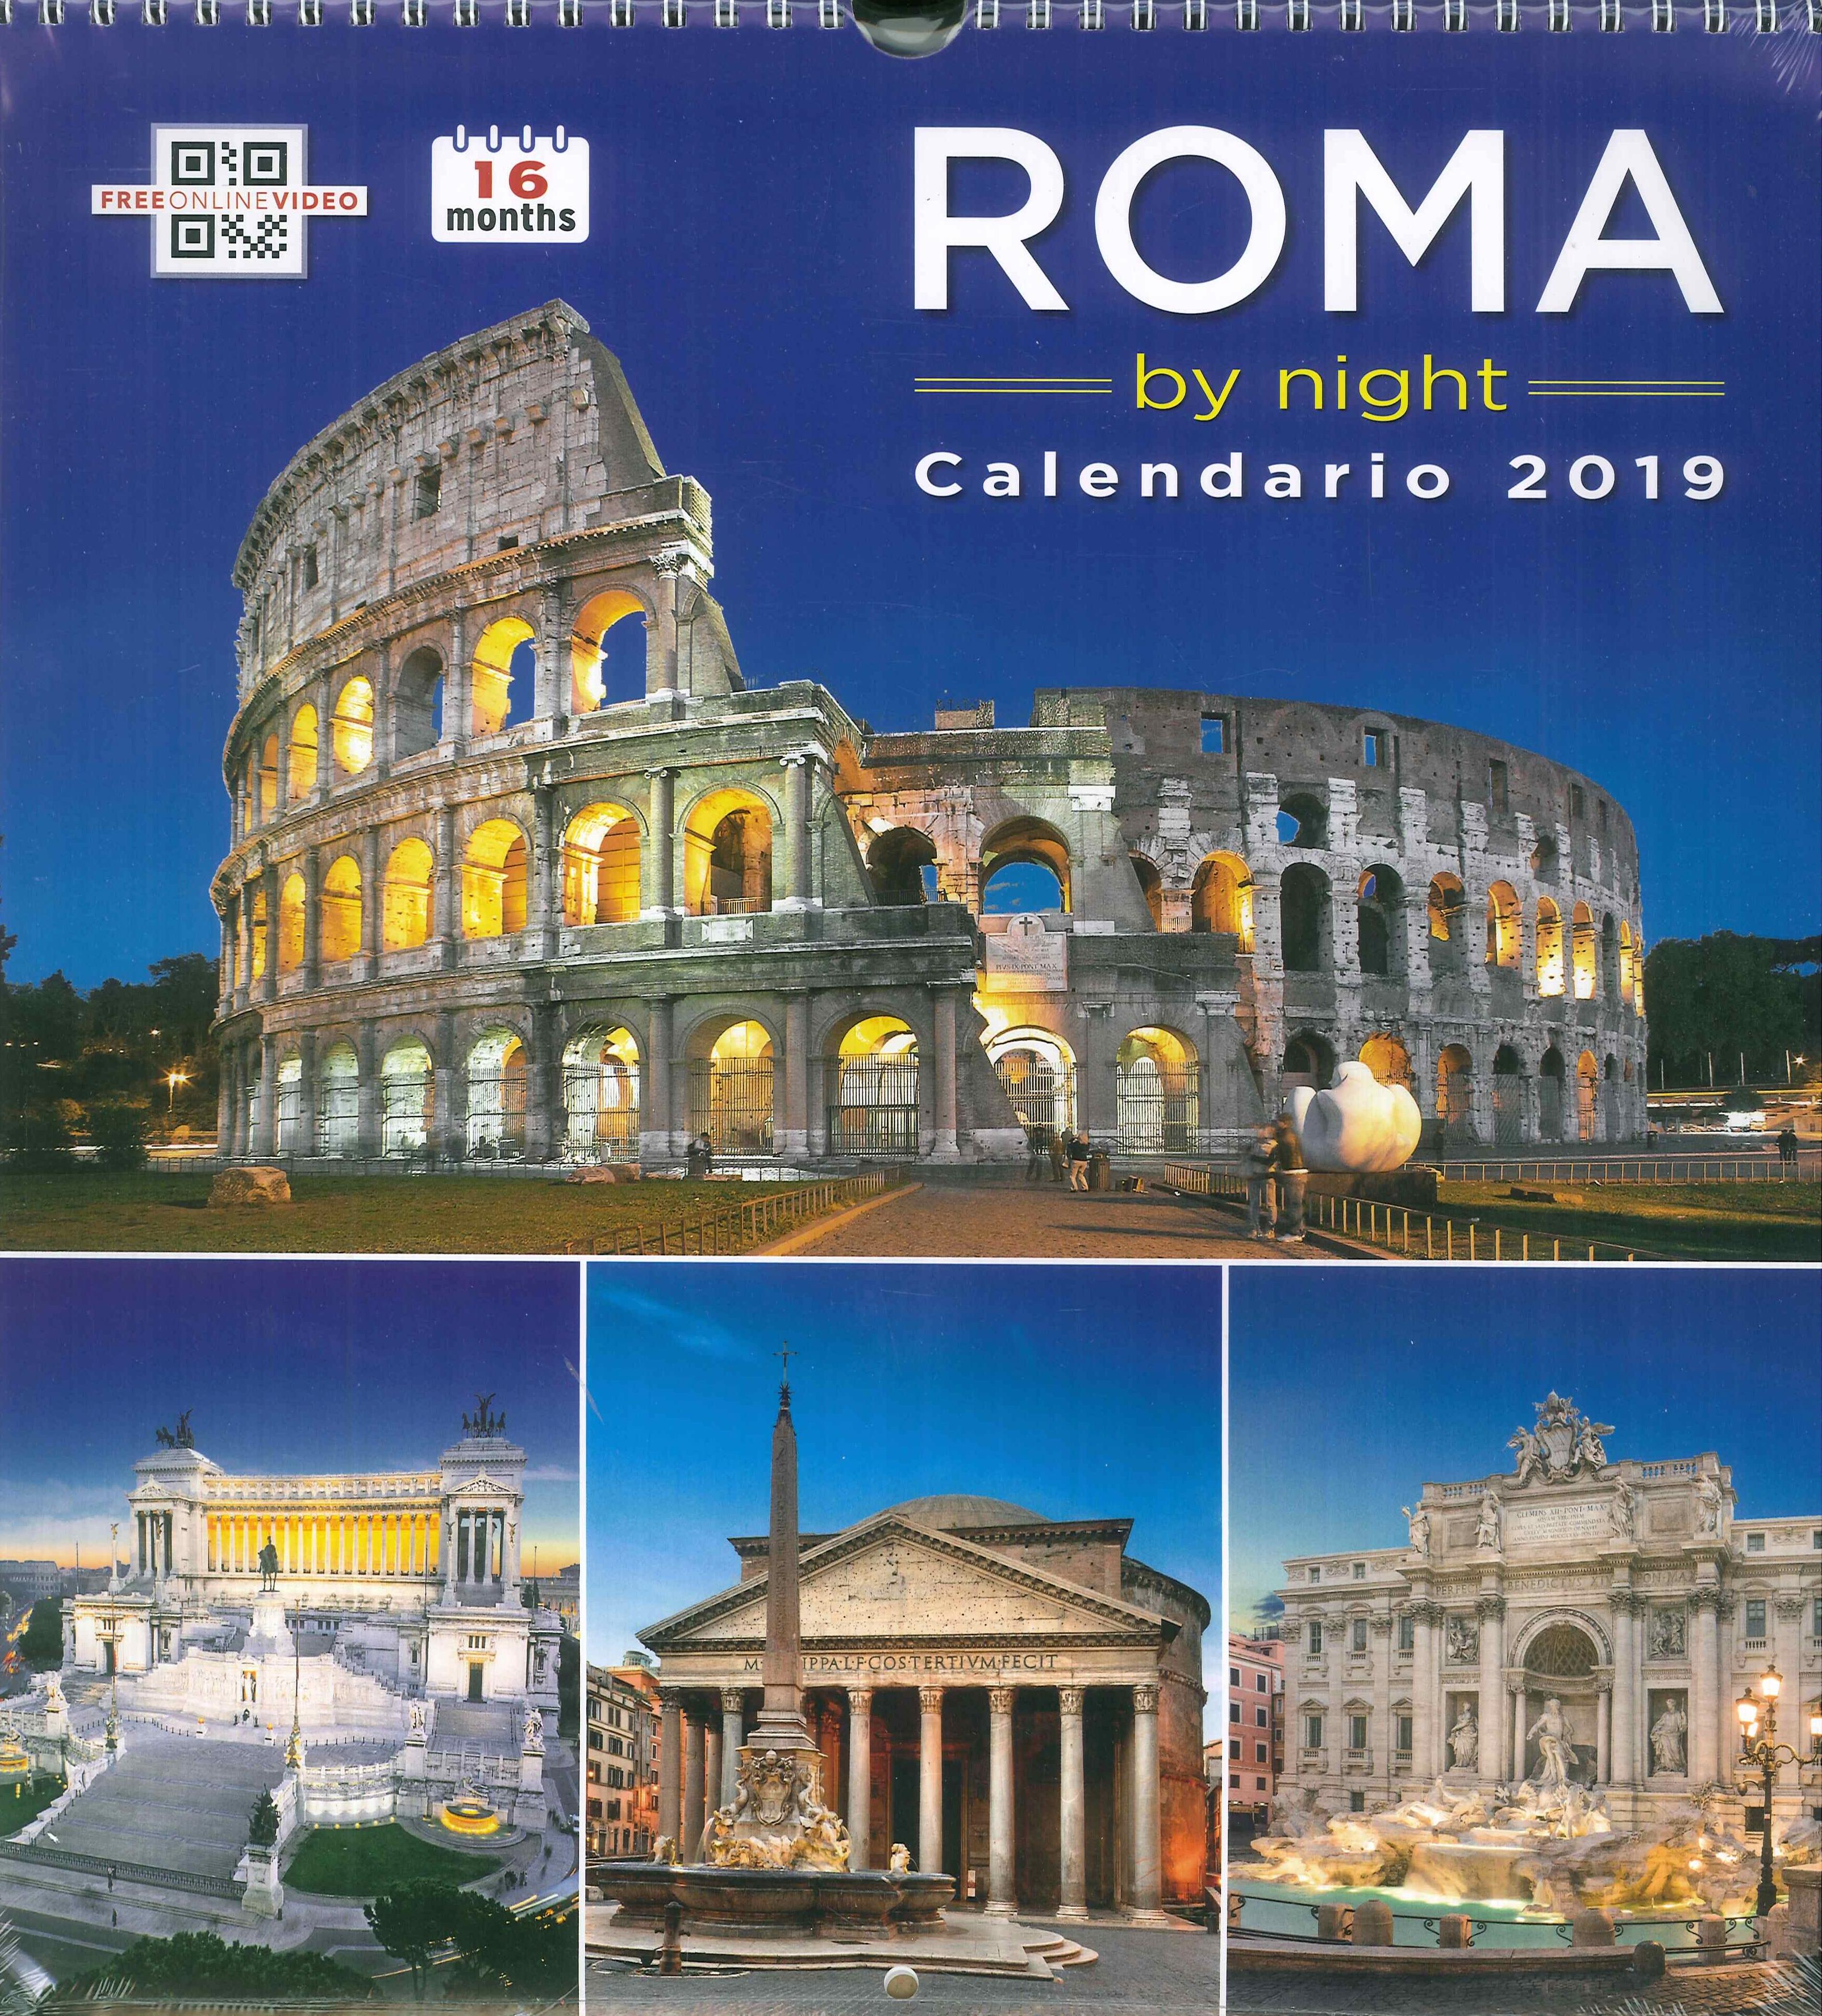 Calendario As Roma 2019.9788884385222 2016 Roma By Night Calendario Grande 2019